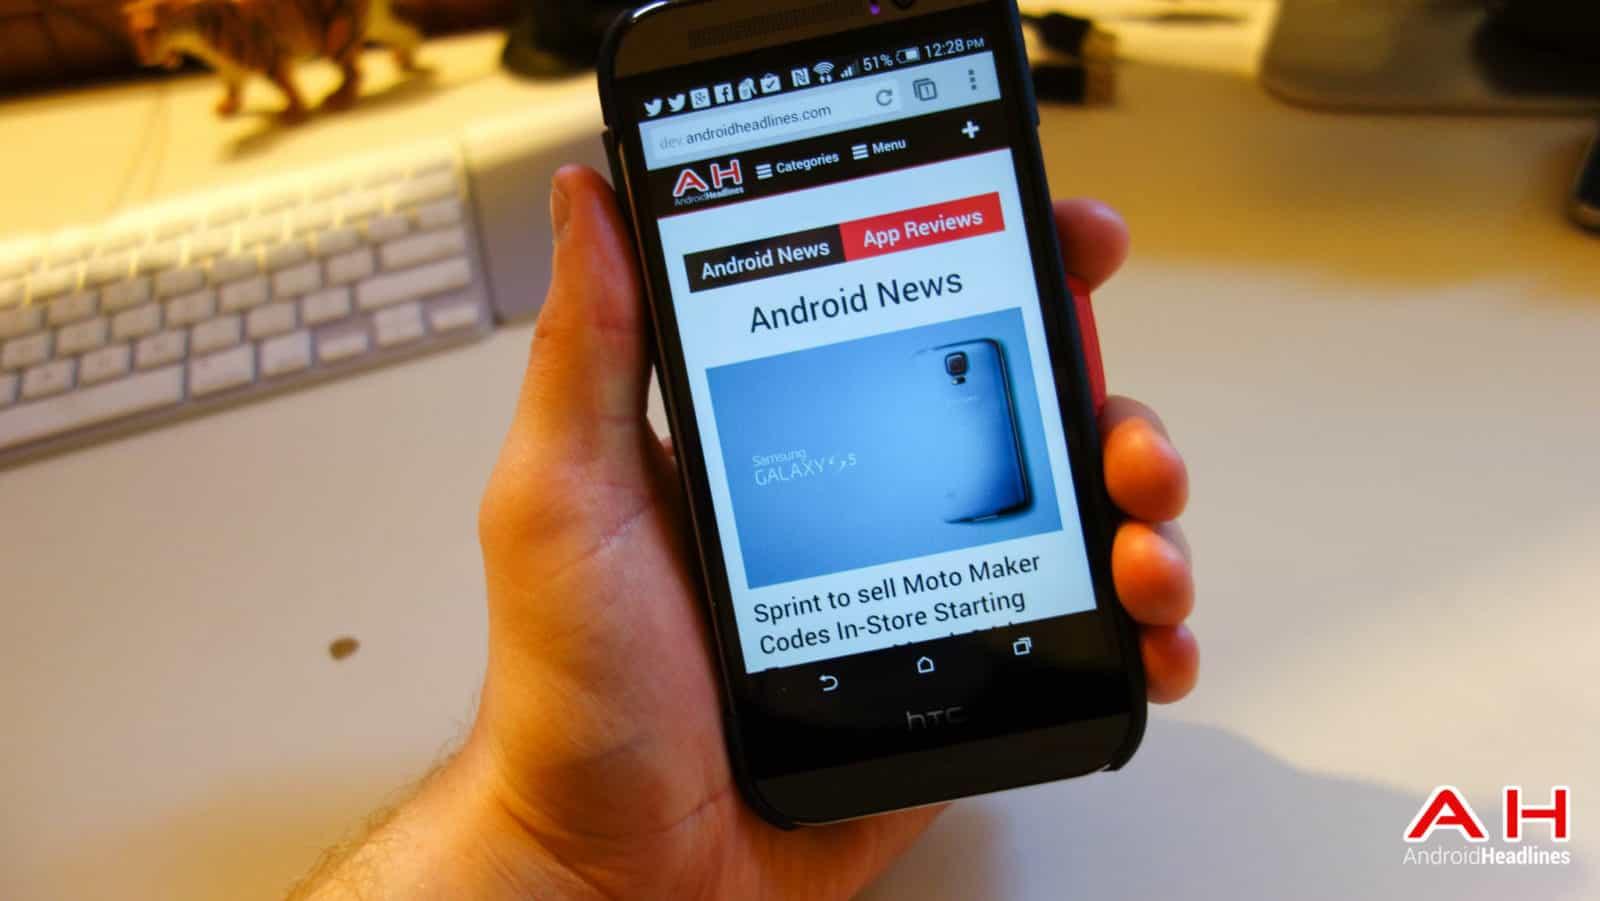 HTC-One-M8-Seidio-Ledger-Review-AH-13